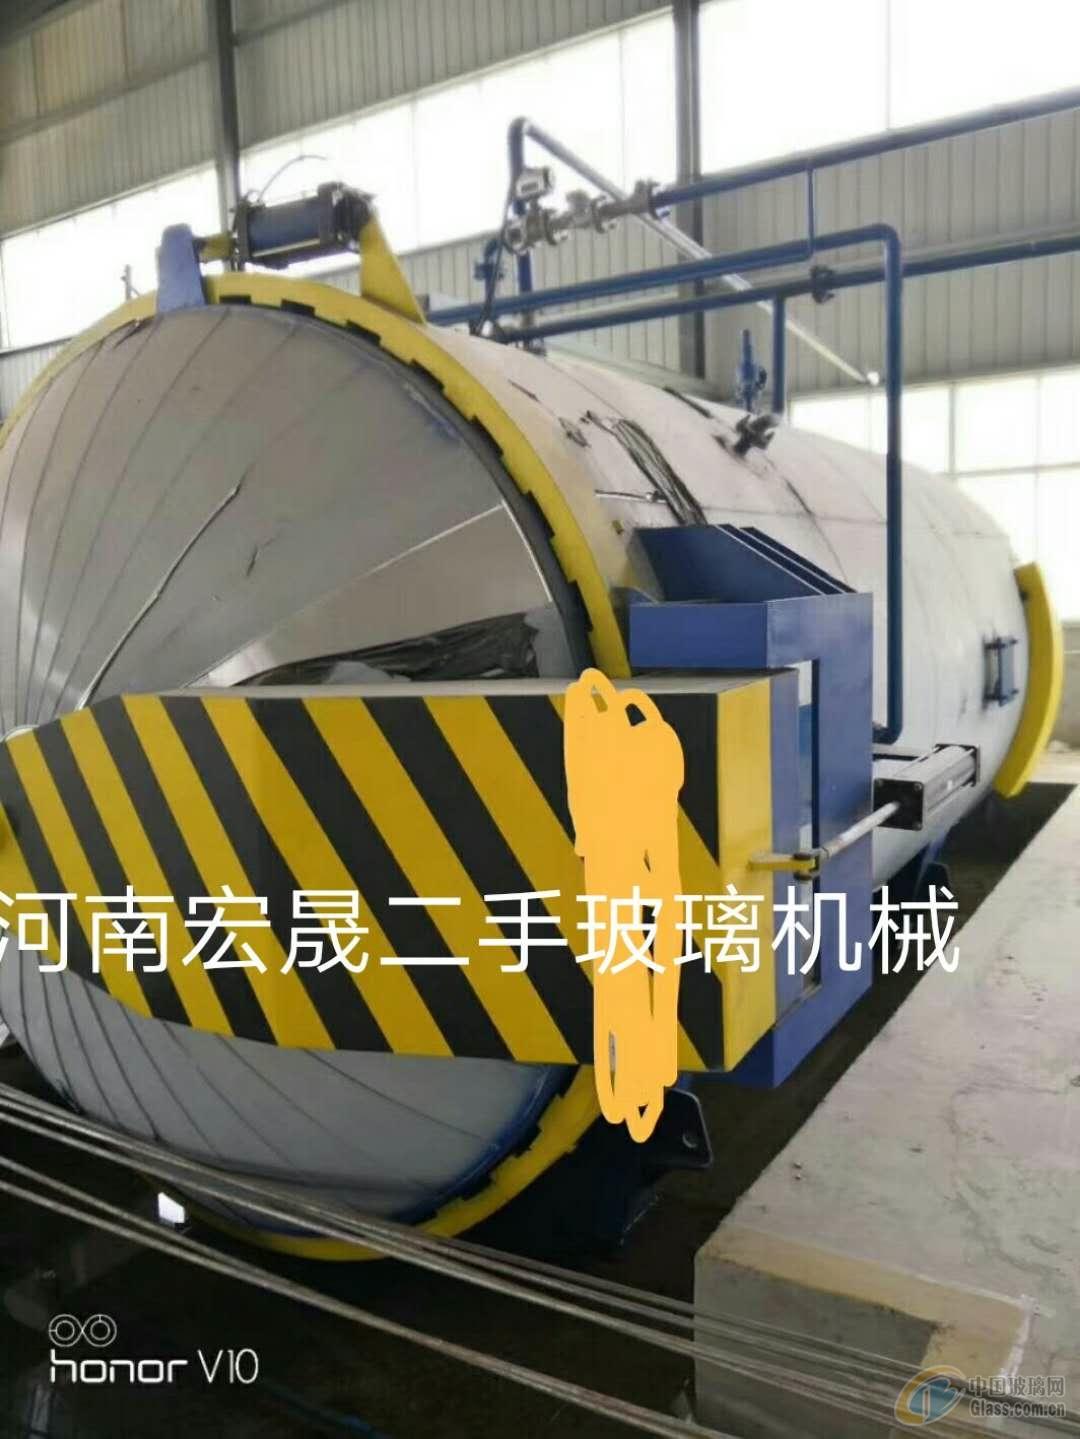 出售九五成新辽宁北方2850乘以6000高压釜一台